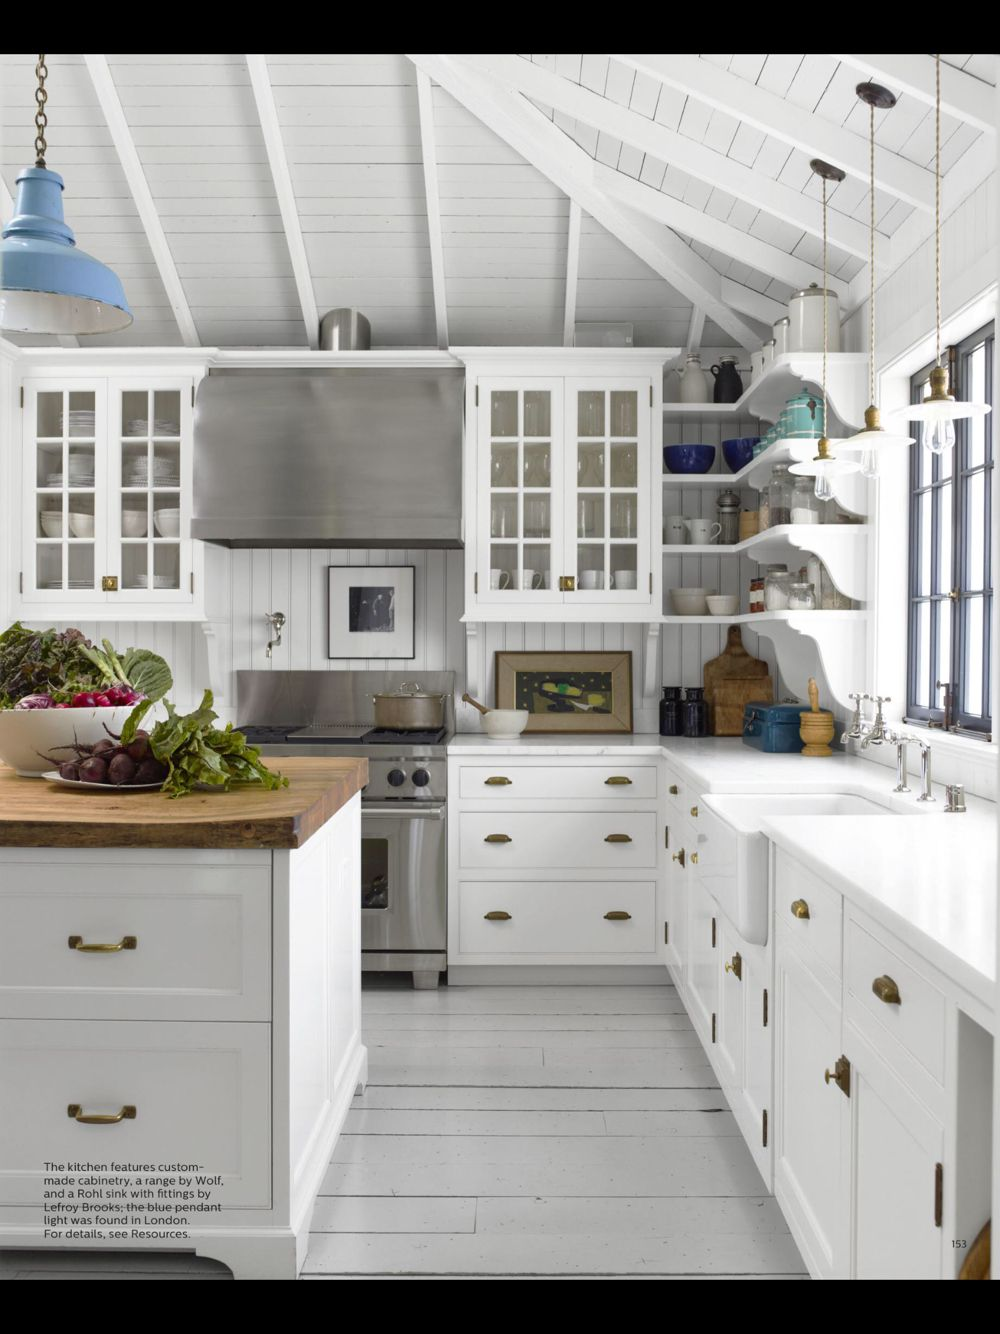 Pin von Callie Lewis auf Kitchen | Pinterest